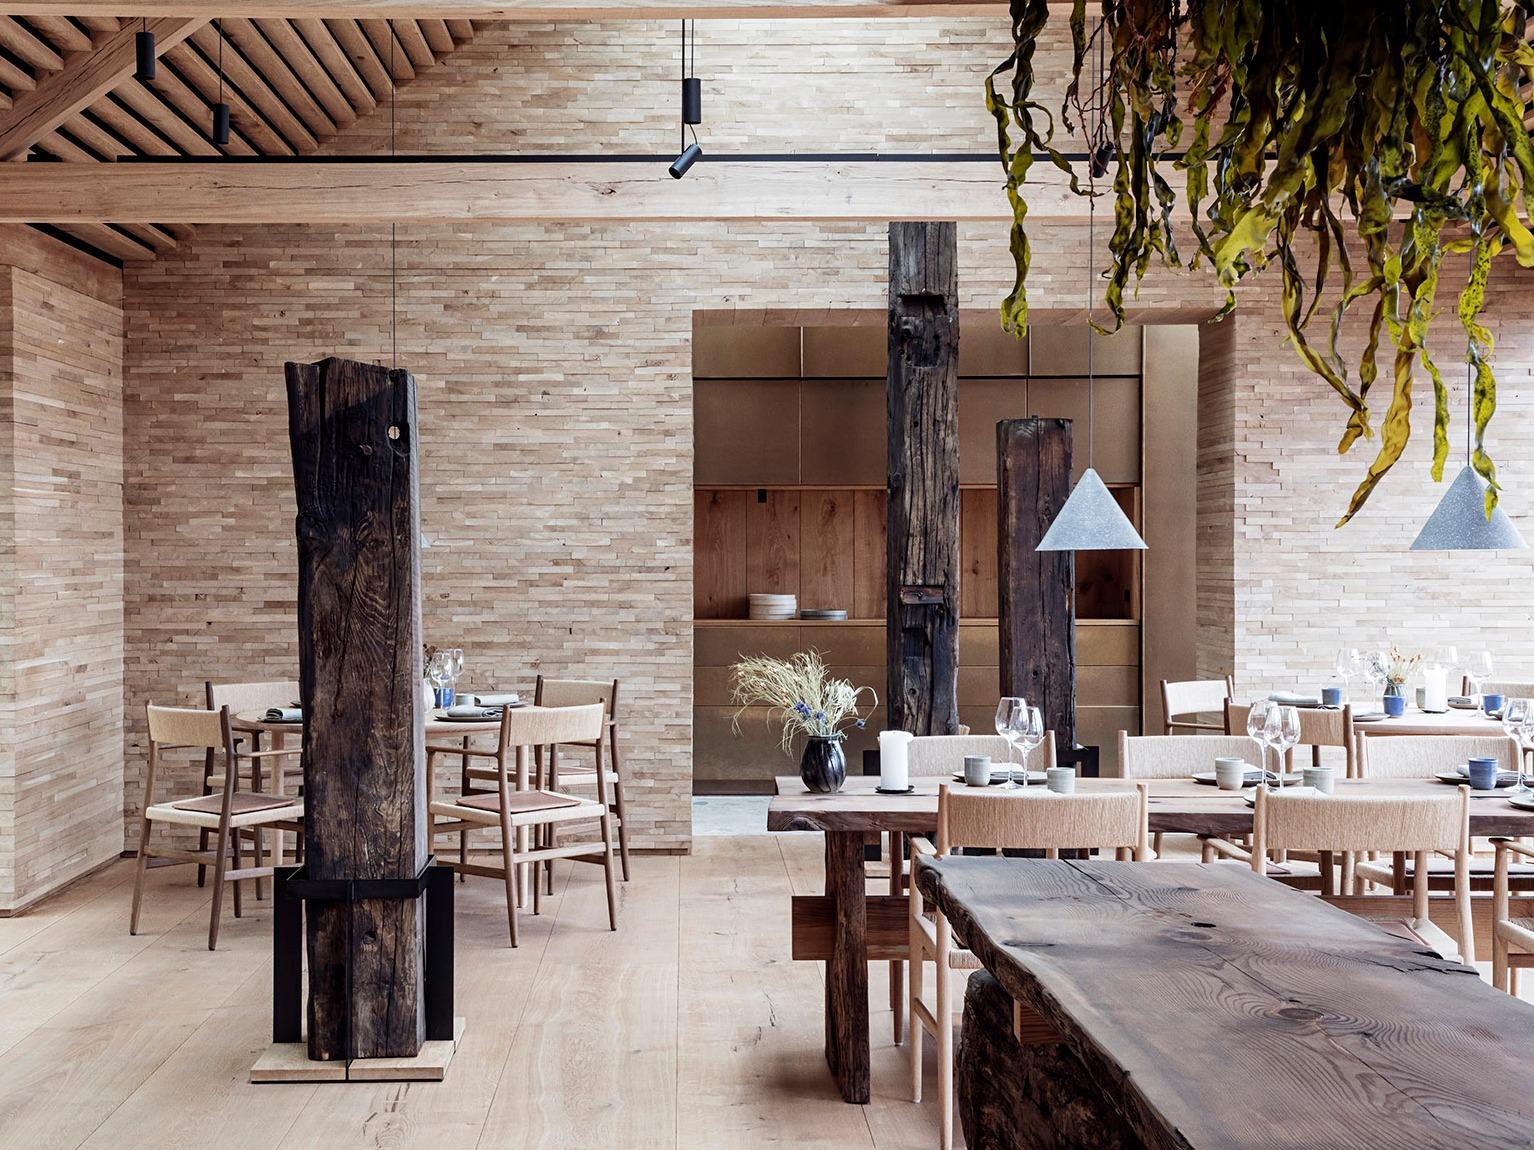 哥本哈根Noma餐厅2.0,全世界最受欢迎的Noma餐厅席卷而来